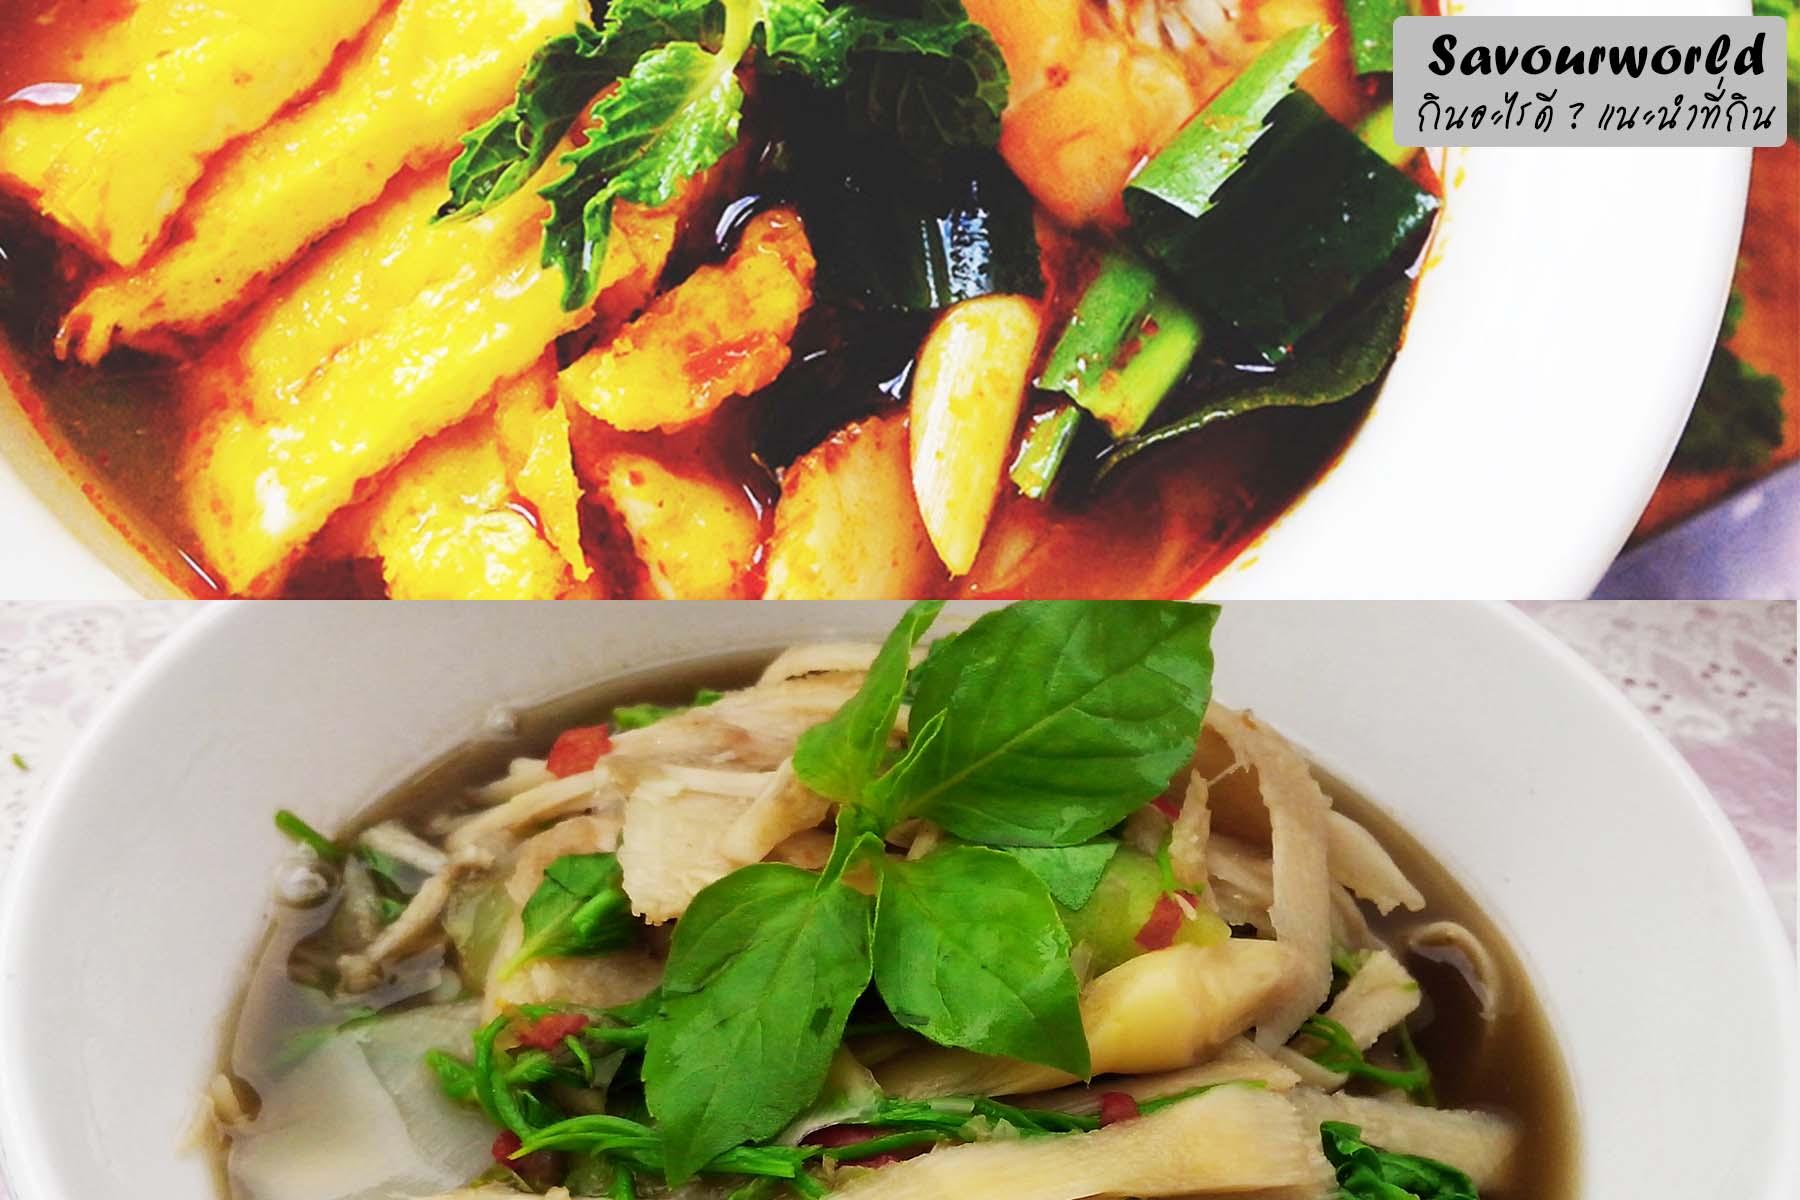 สองเมนูสุขภาพอร่อยเข้ากันดีกับต้มยำไข่เจียวและแกงหน่อไม้ใบย่านาง - savourworld.com